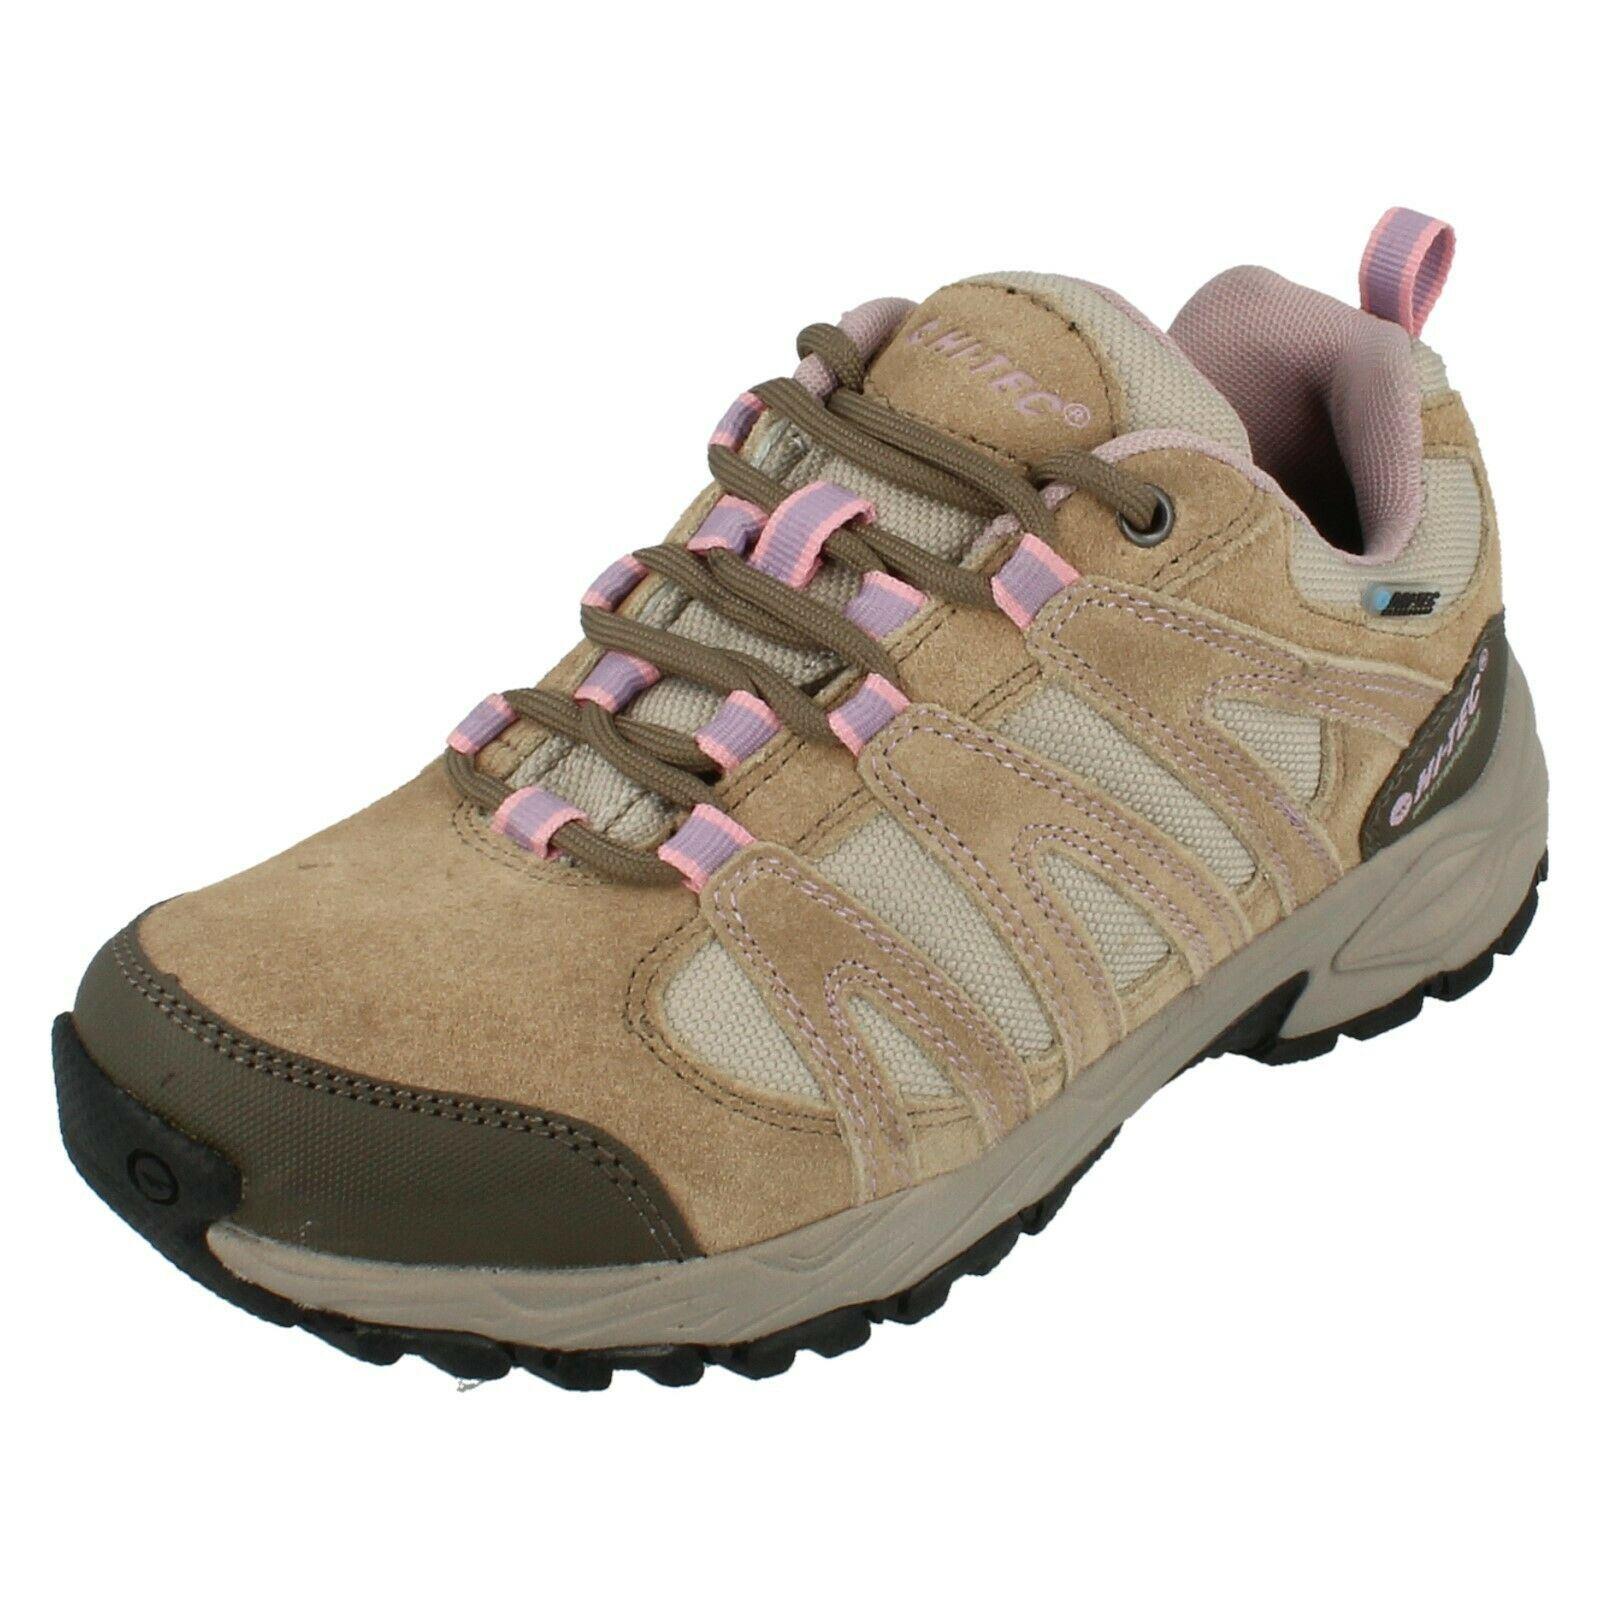 Detalles de Mujer Hi Tec Impermeable Zapatillas Casual Alto II bajo Wp Mujer